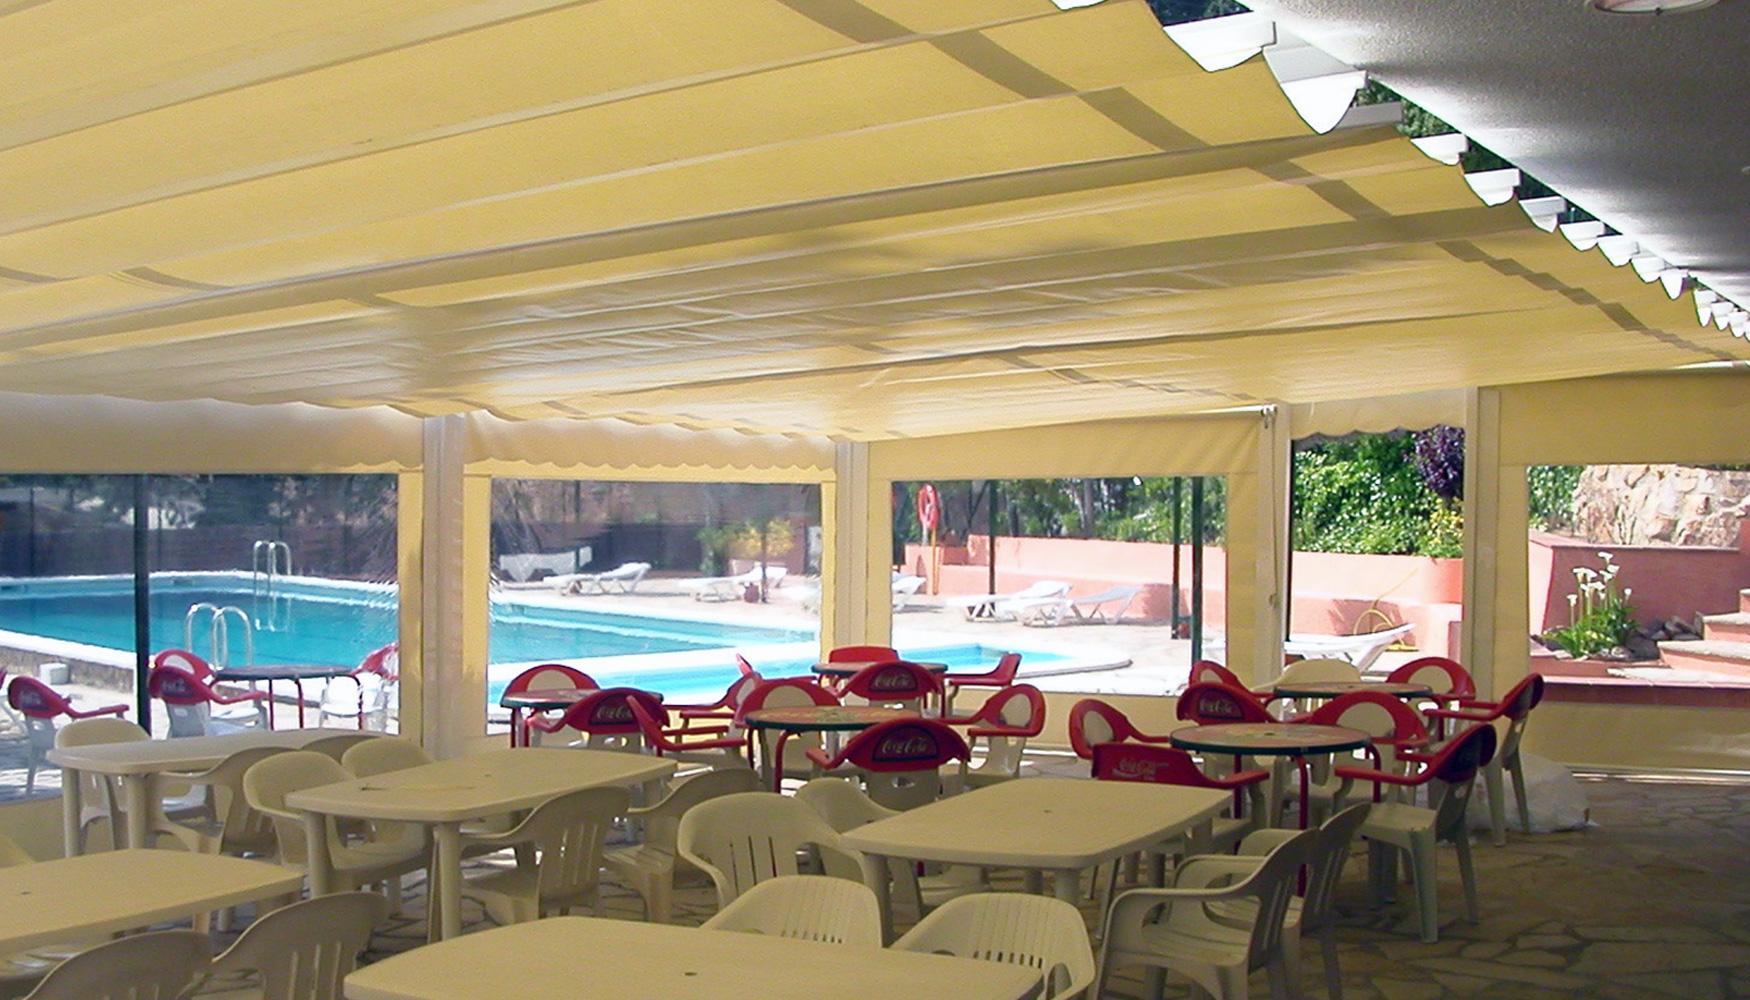 Toldos y parasoles de novelty para terrazas protecci n solar - Proteccion para terrazas ...